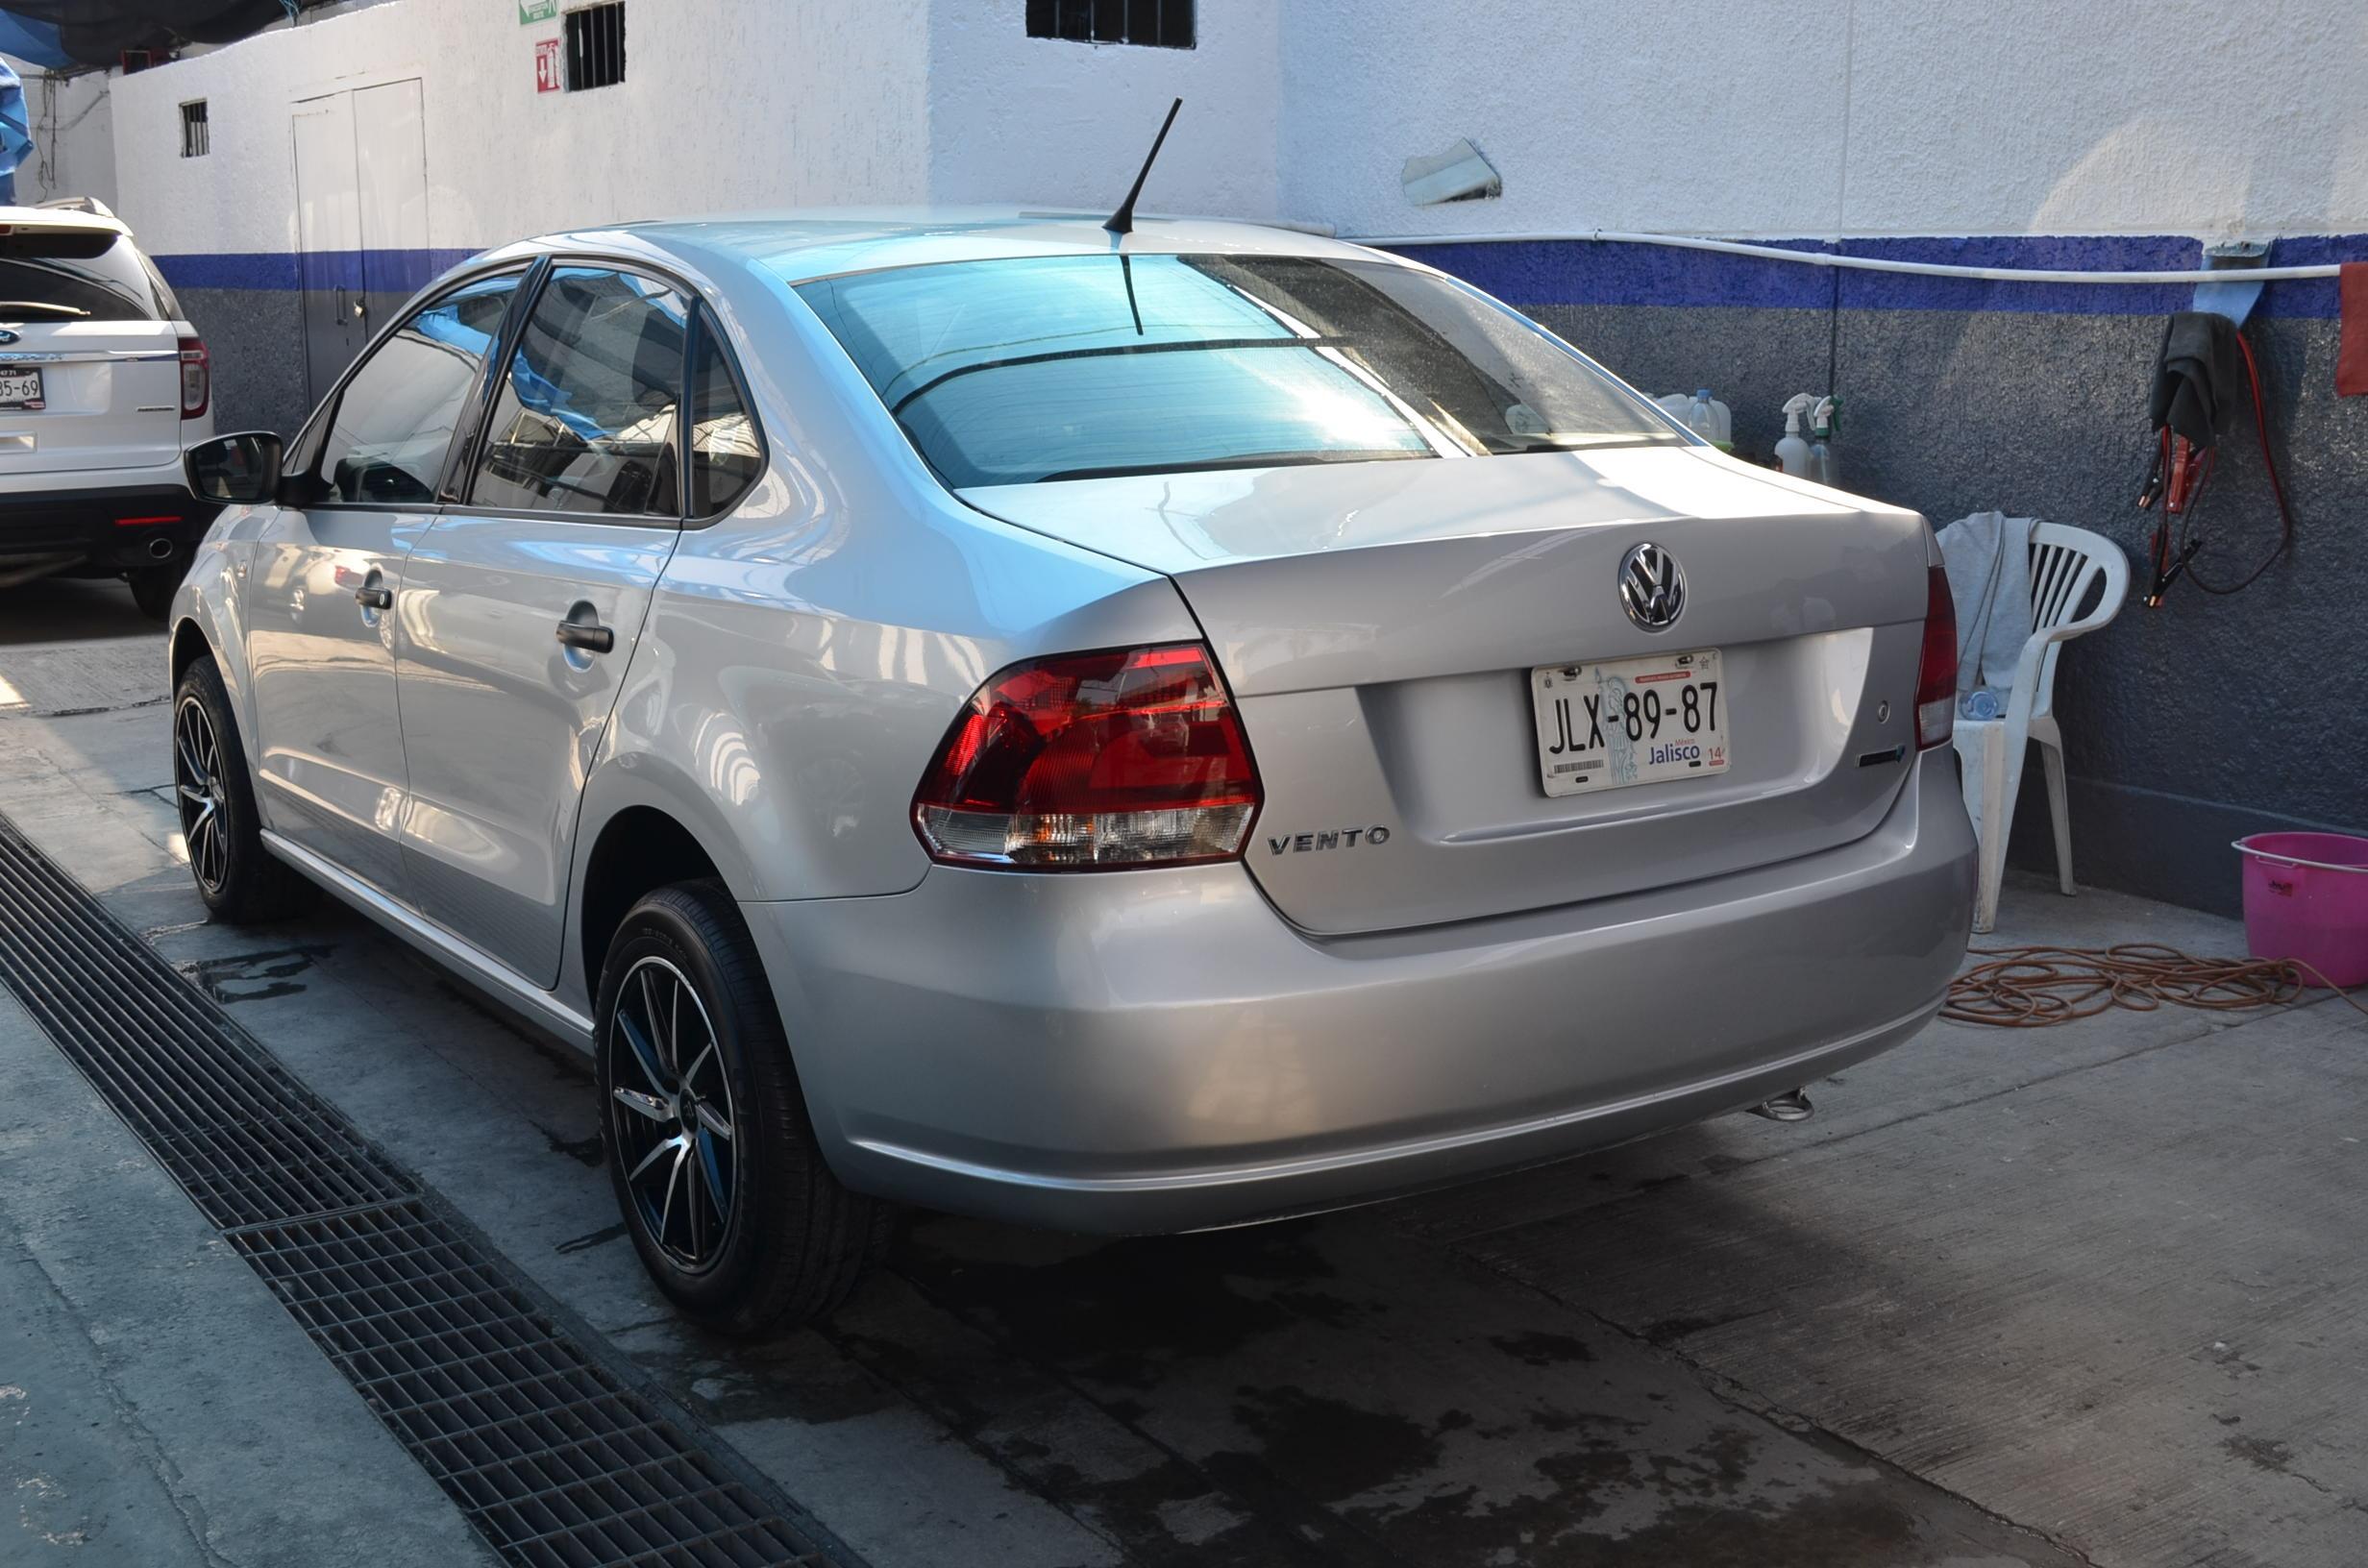 Volkswagen Vento Lateral izquierdo 4